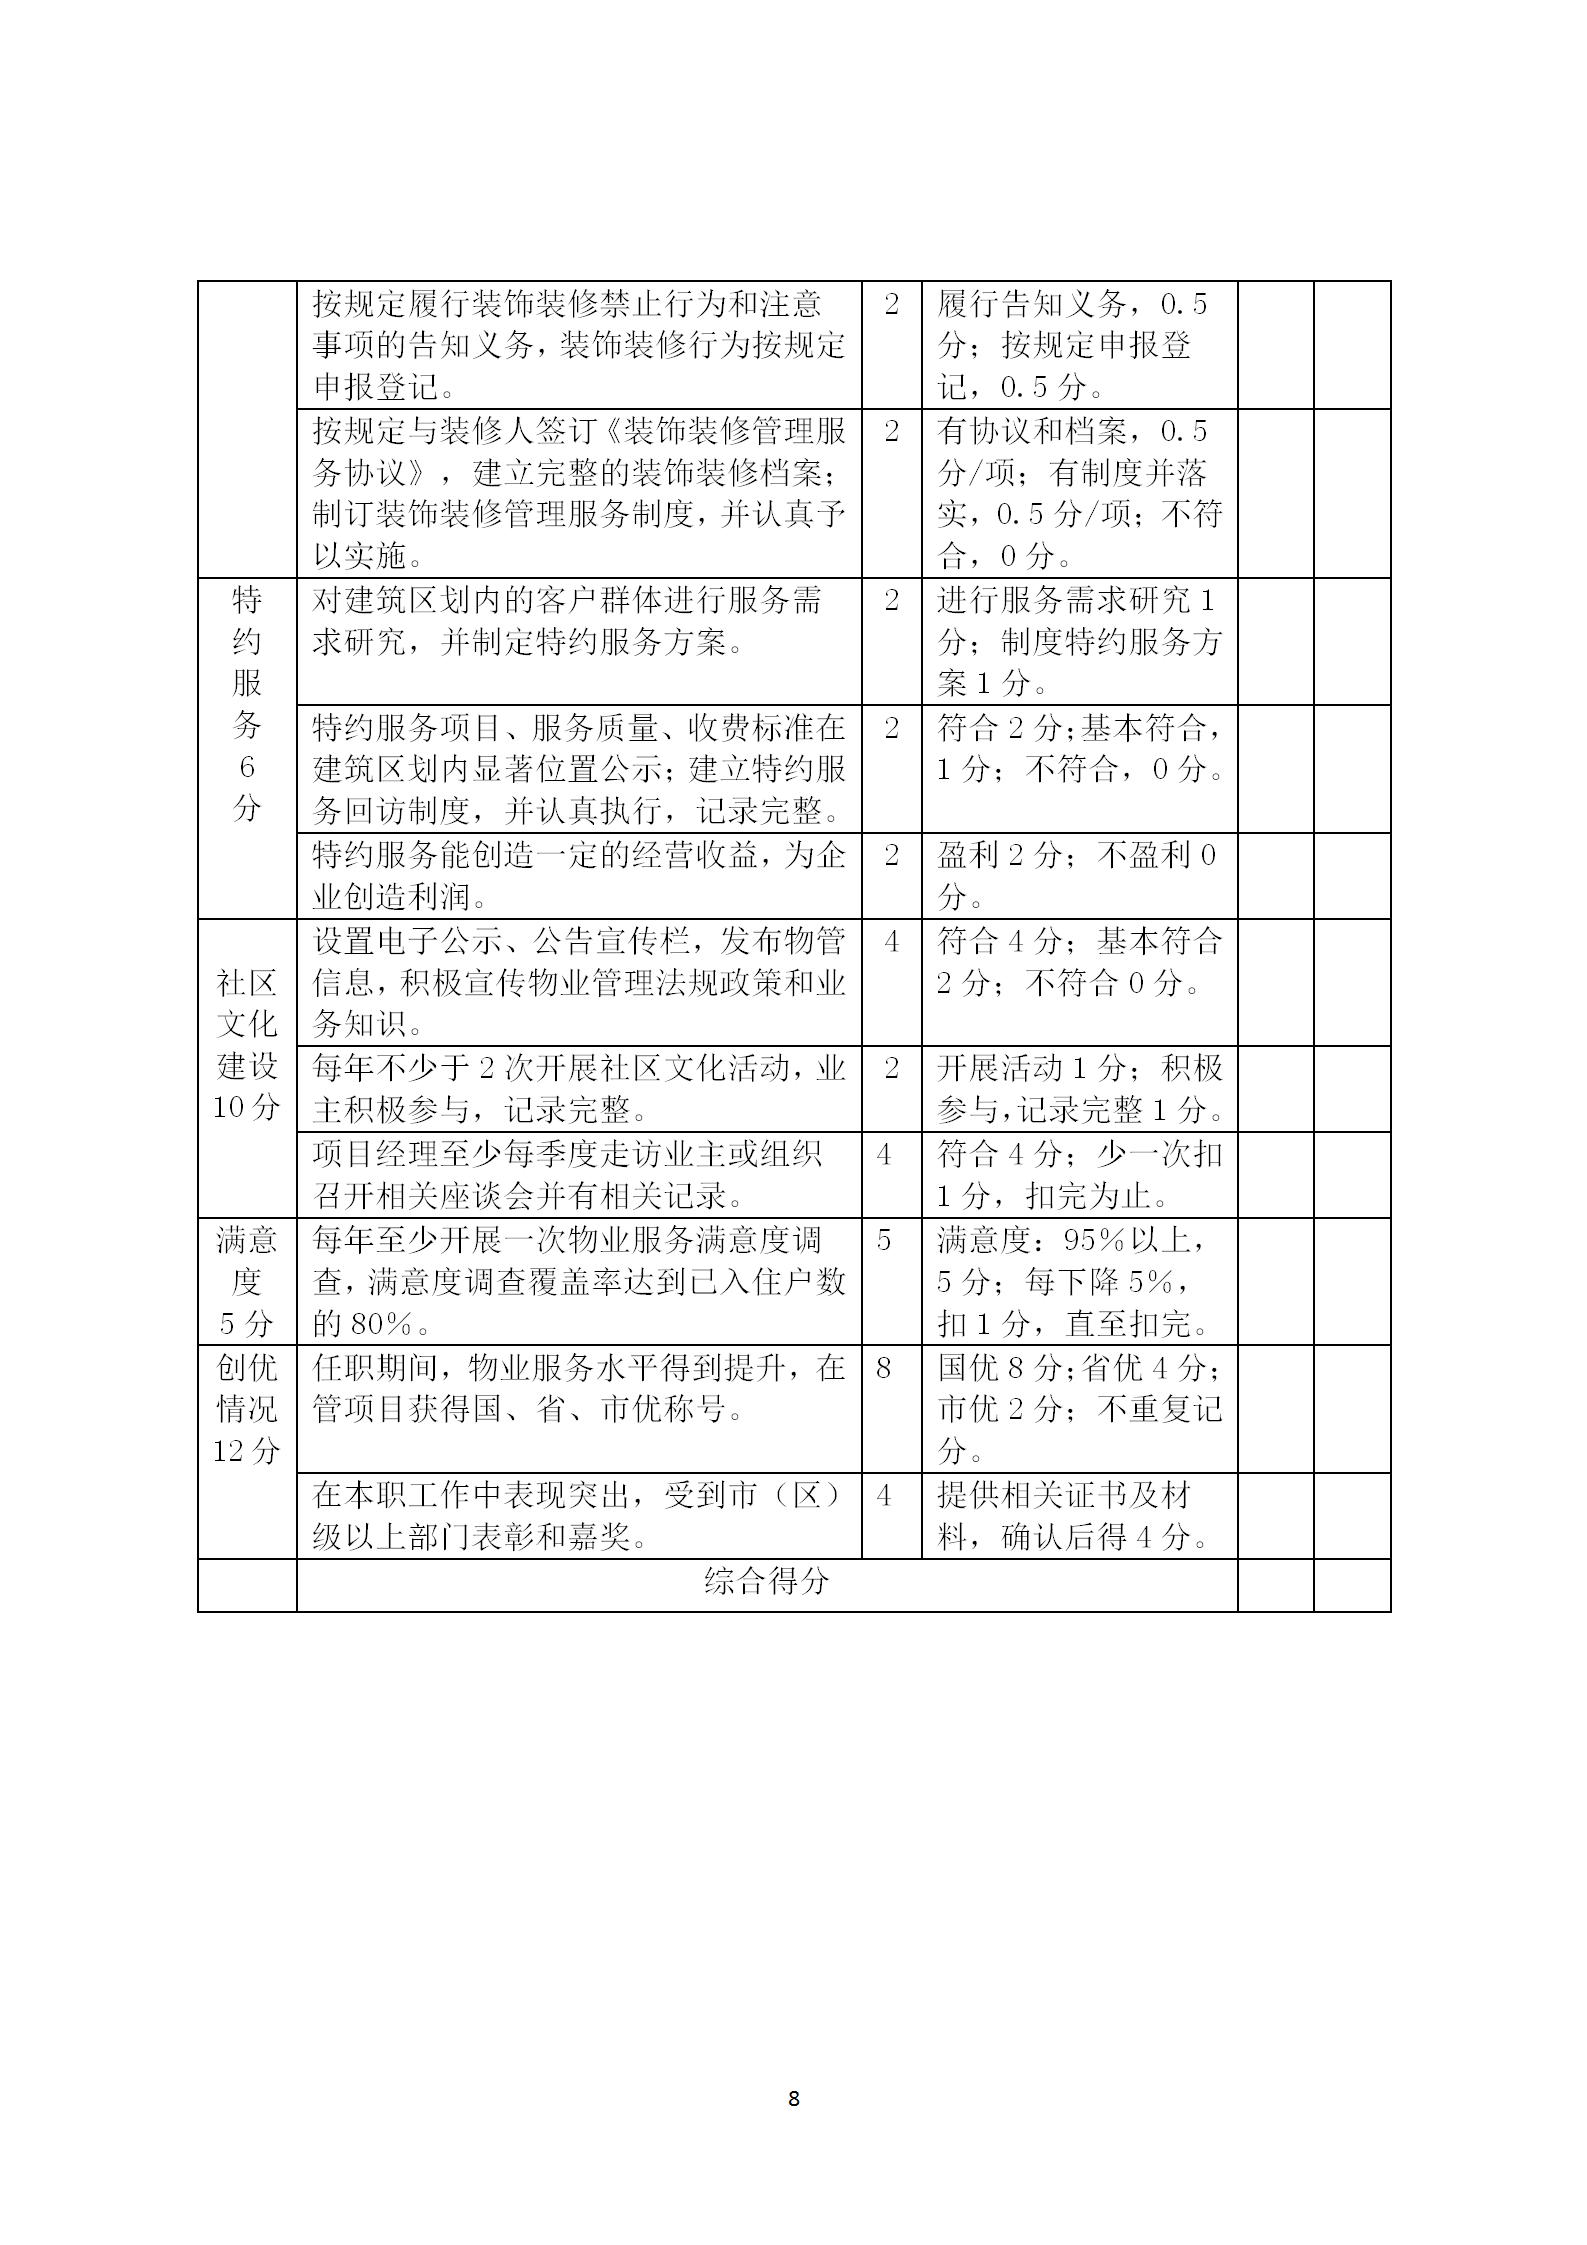 洪物协字[2020]17号关于开展2020年度南昌市物业管理行业优秀项目经理评选活动的通知_08.png